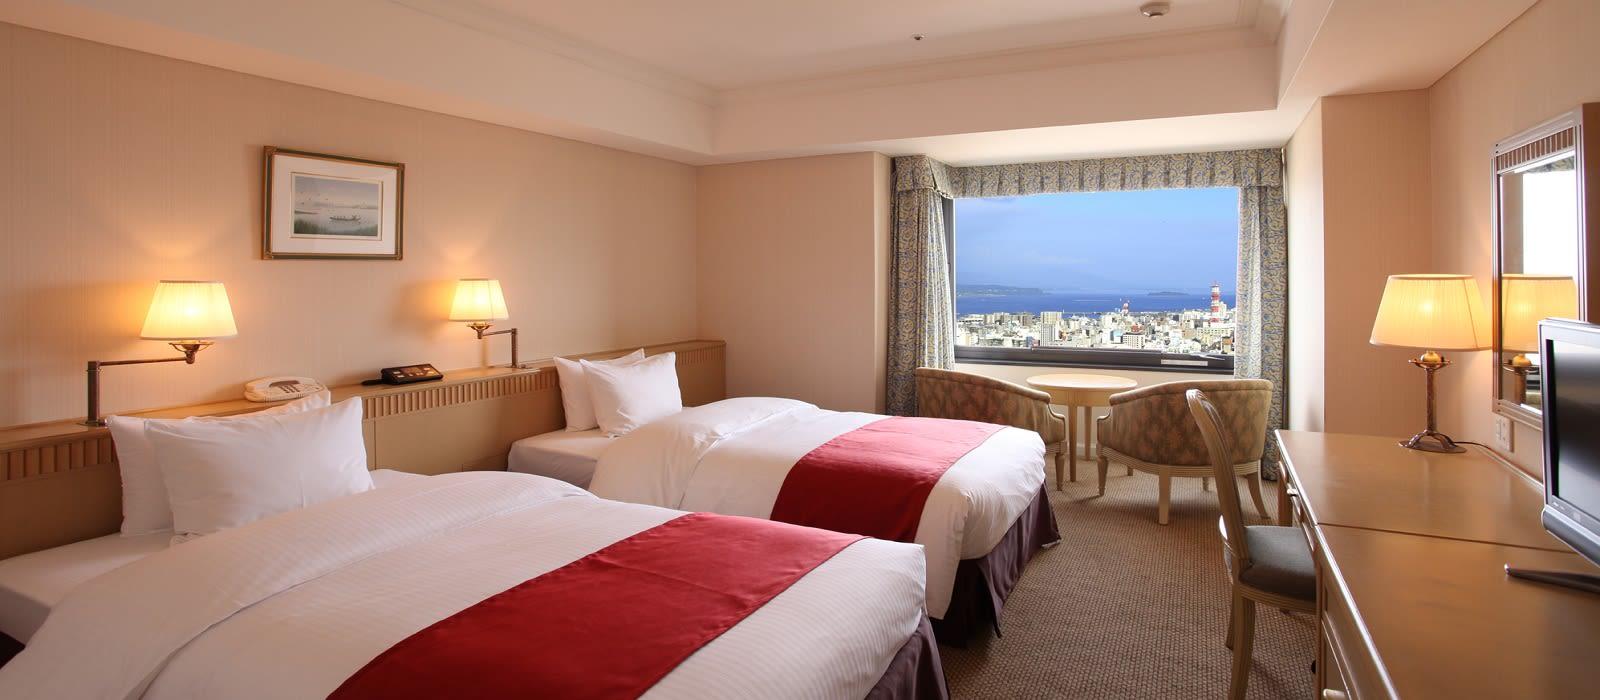 Hotel Shiroyama Kanko  Japan